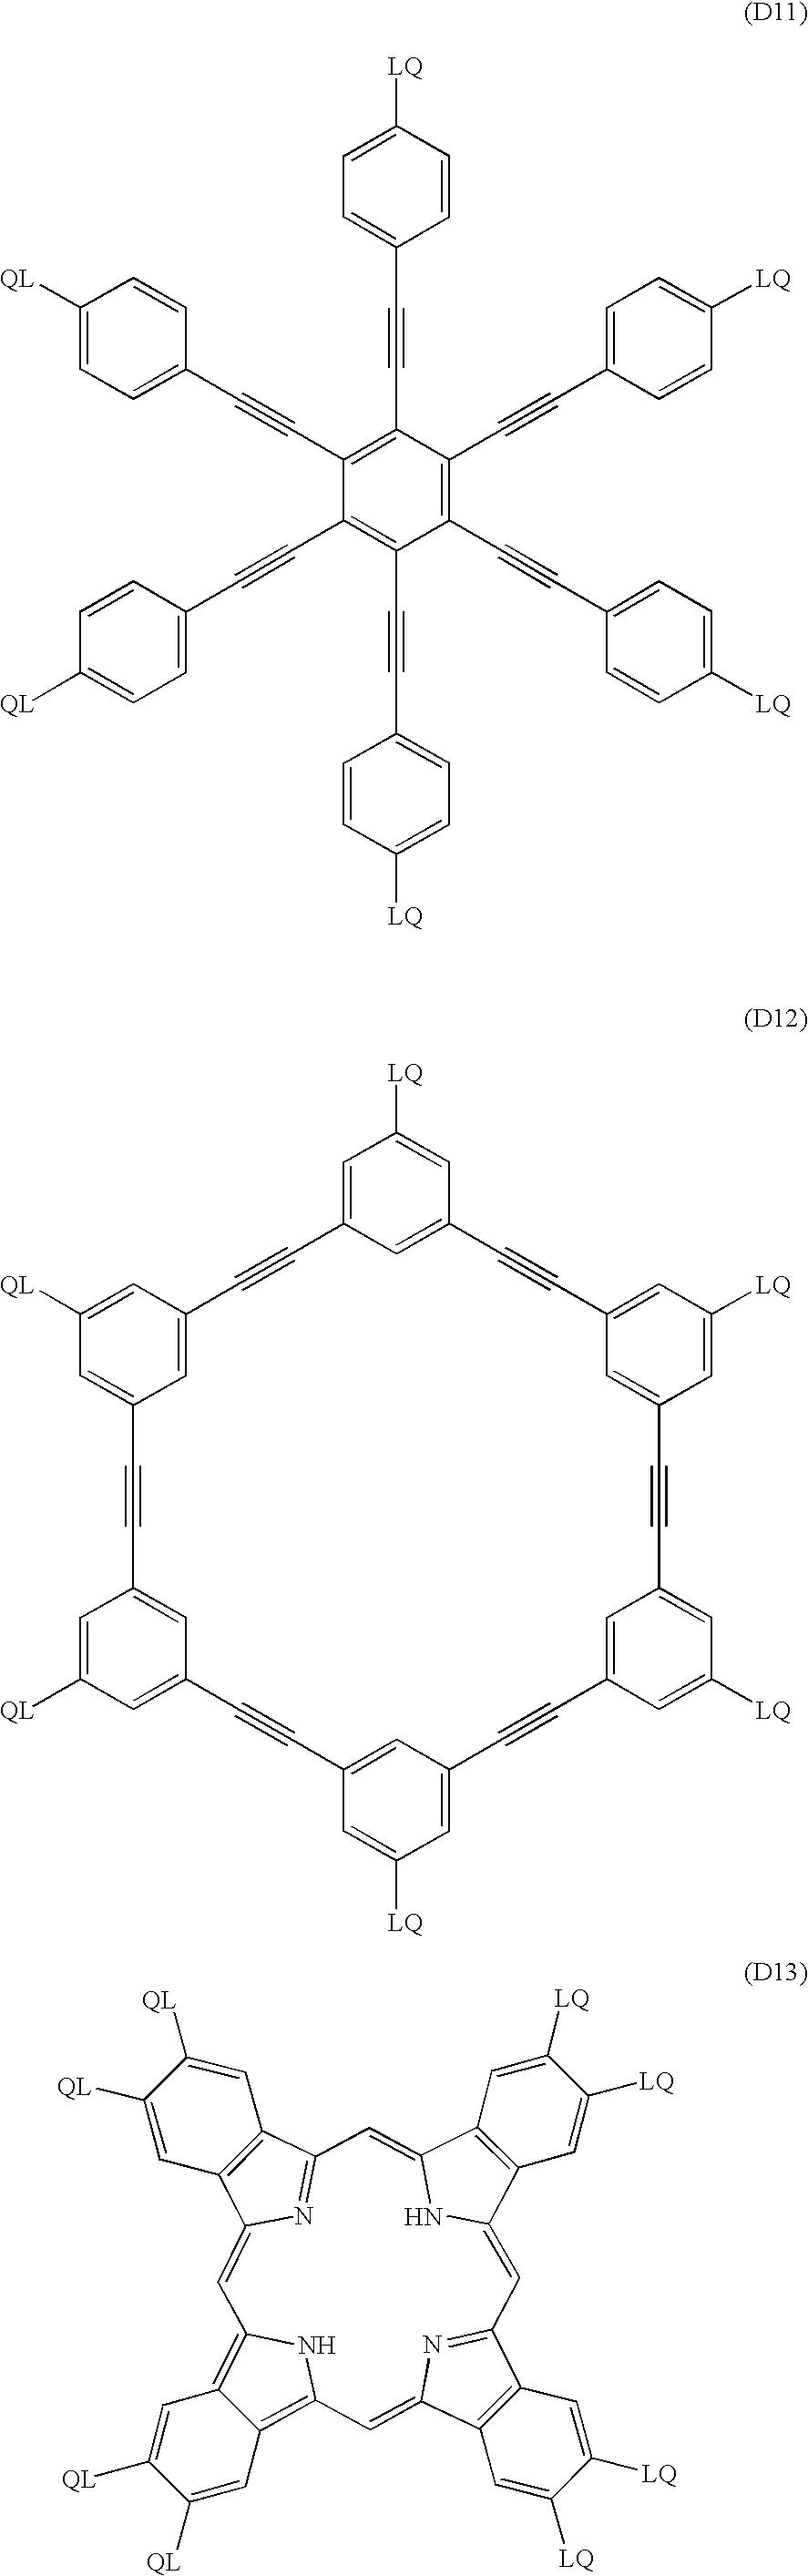 Figure US20060176428A1-20060810-C00003